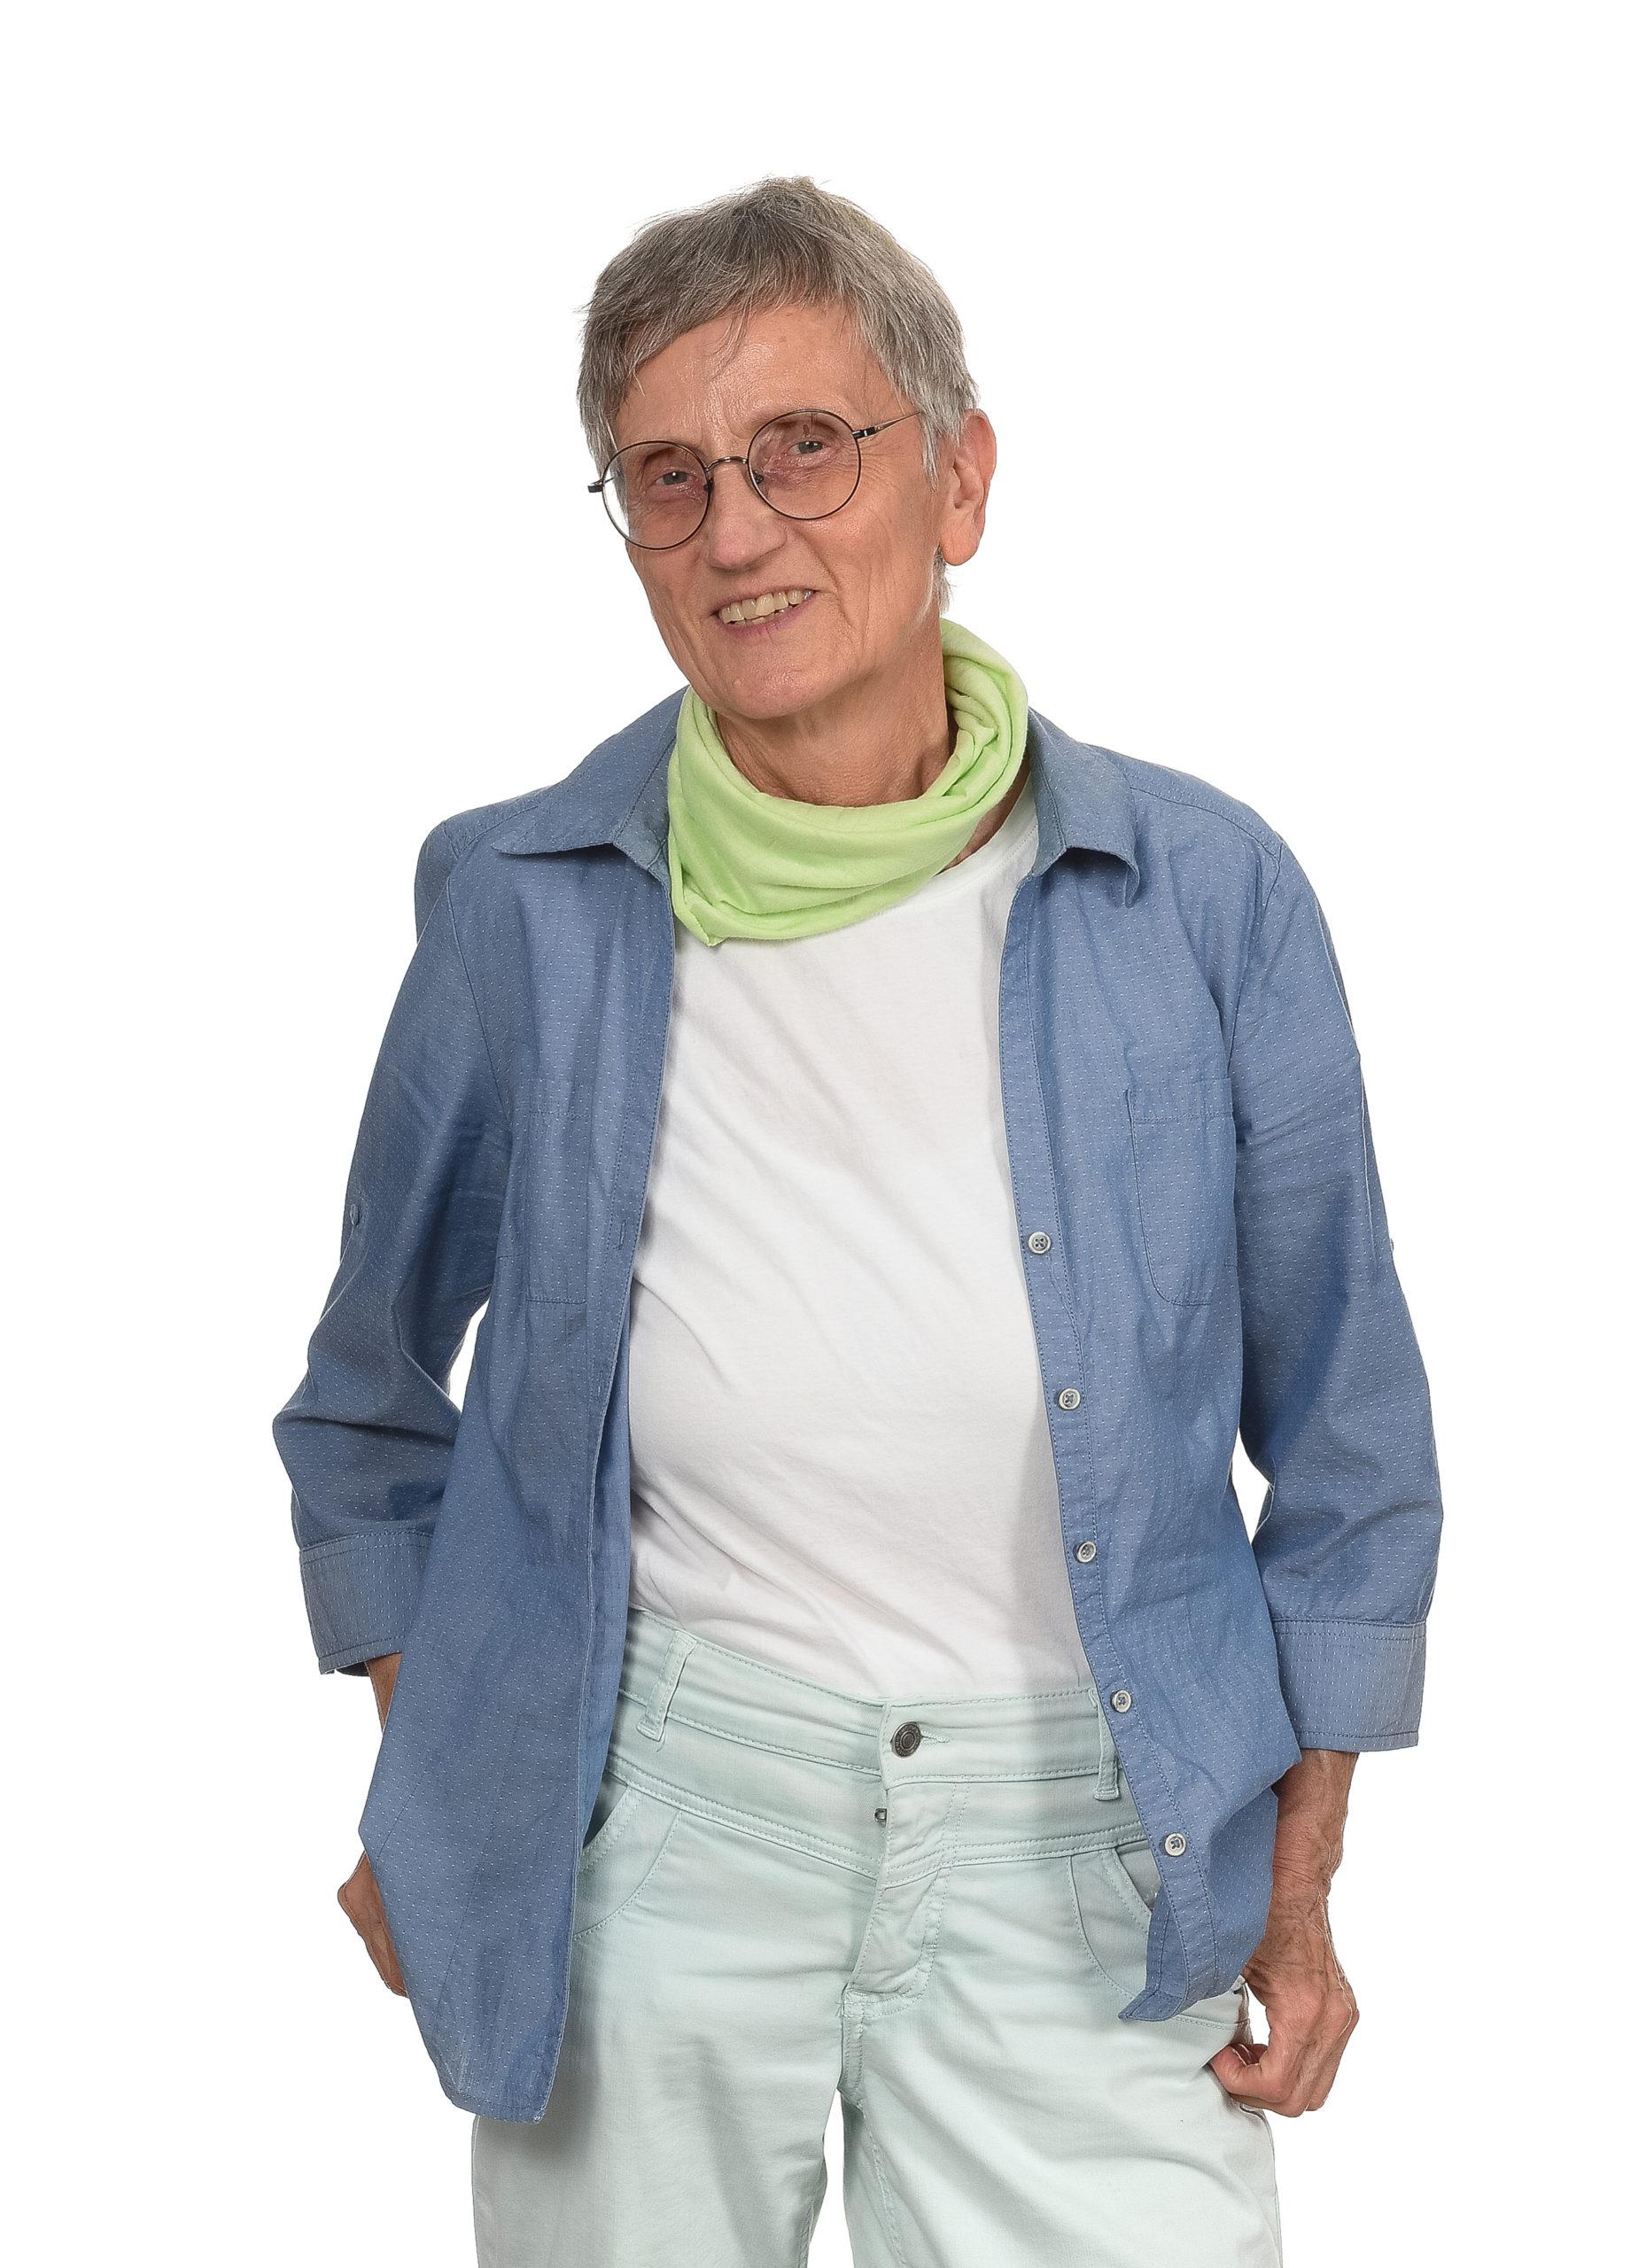 Gisela Forstbauer